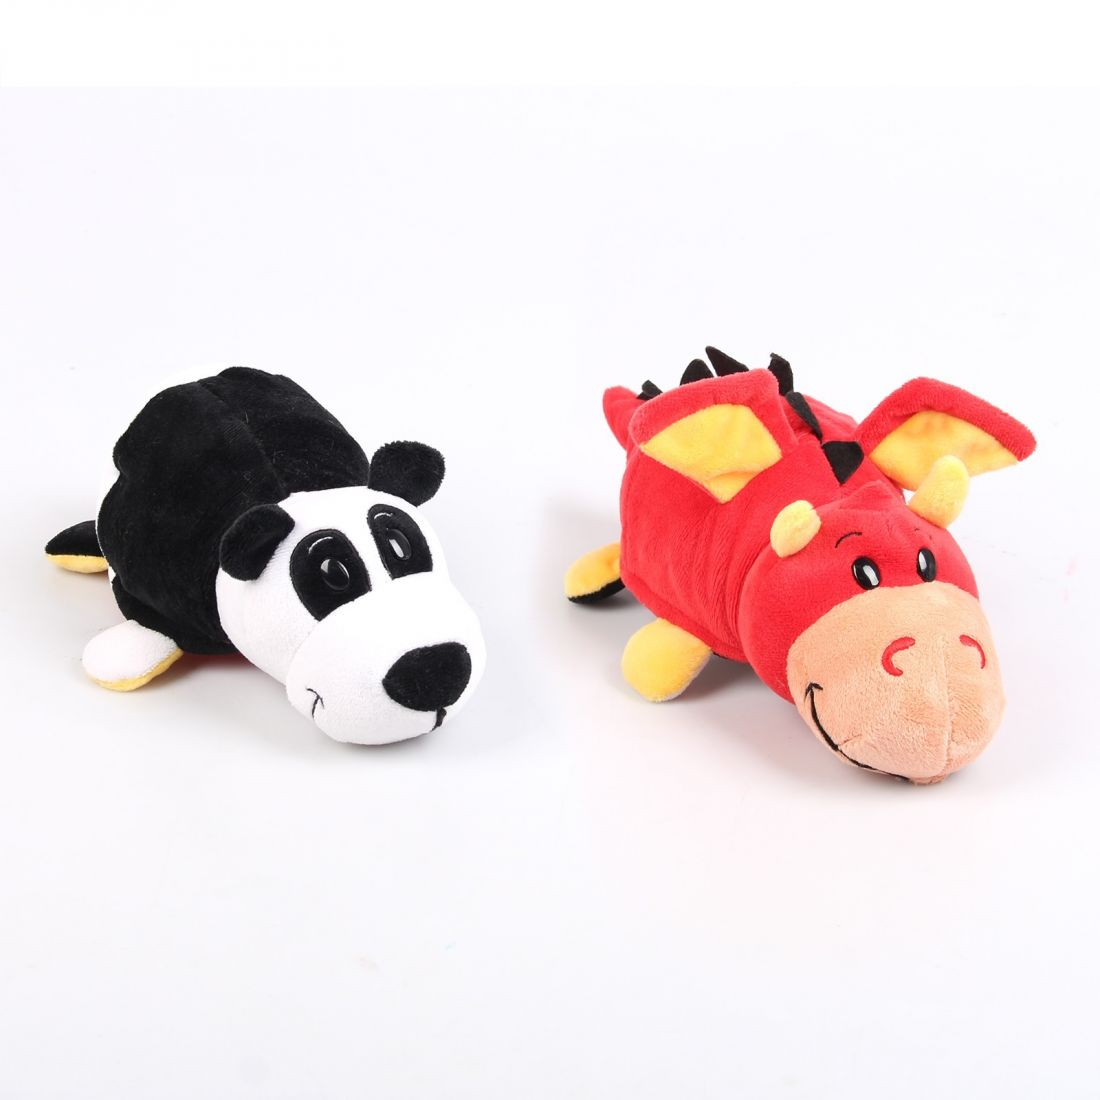 Мягкая игрушка Вывернушка 2 в 1   Панда - Красный Дракон 1 TOY 40 см